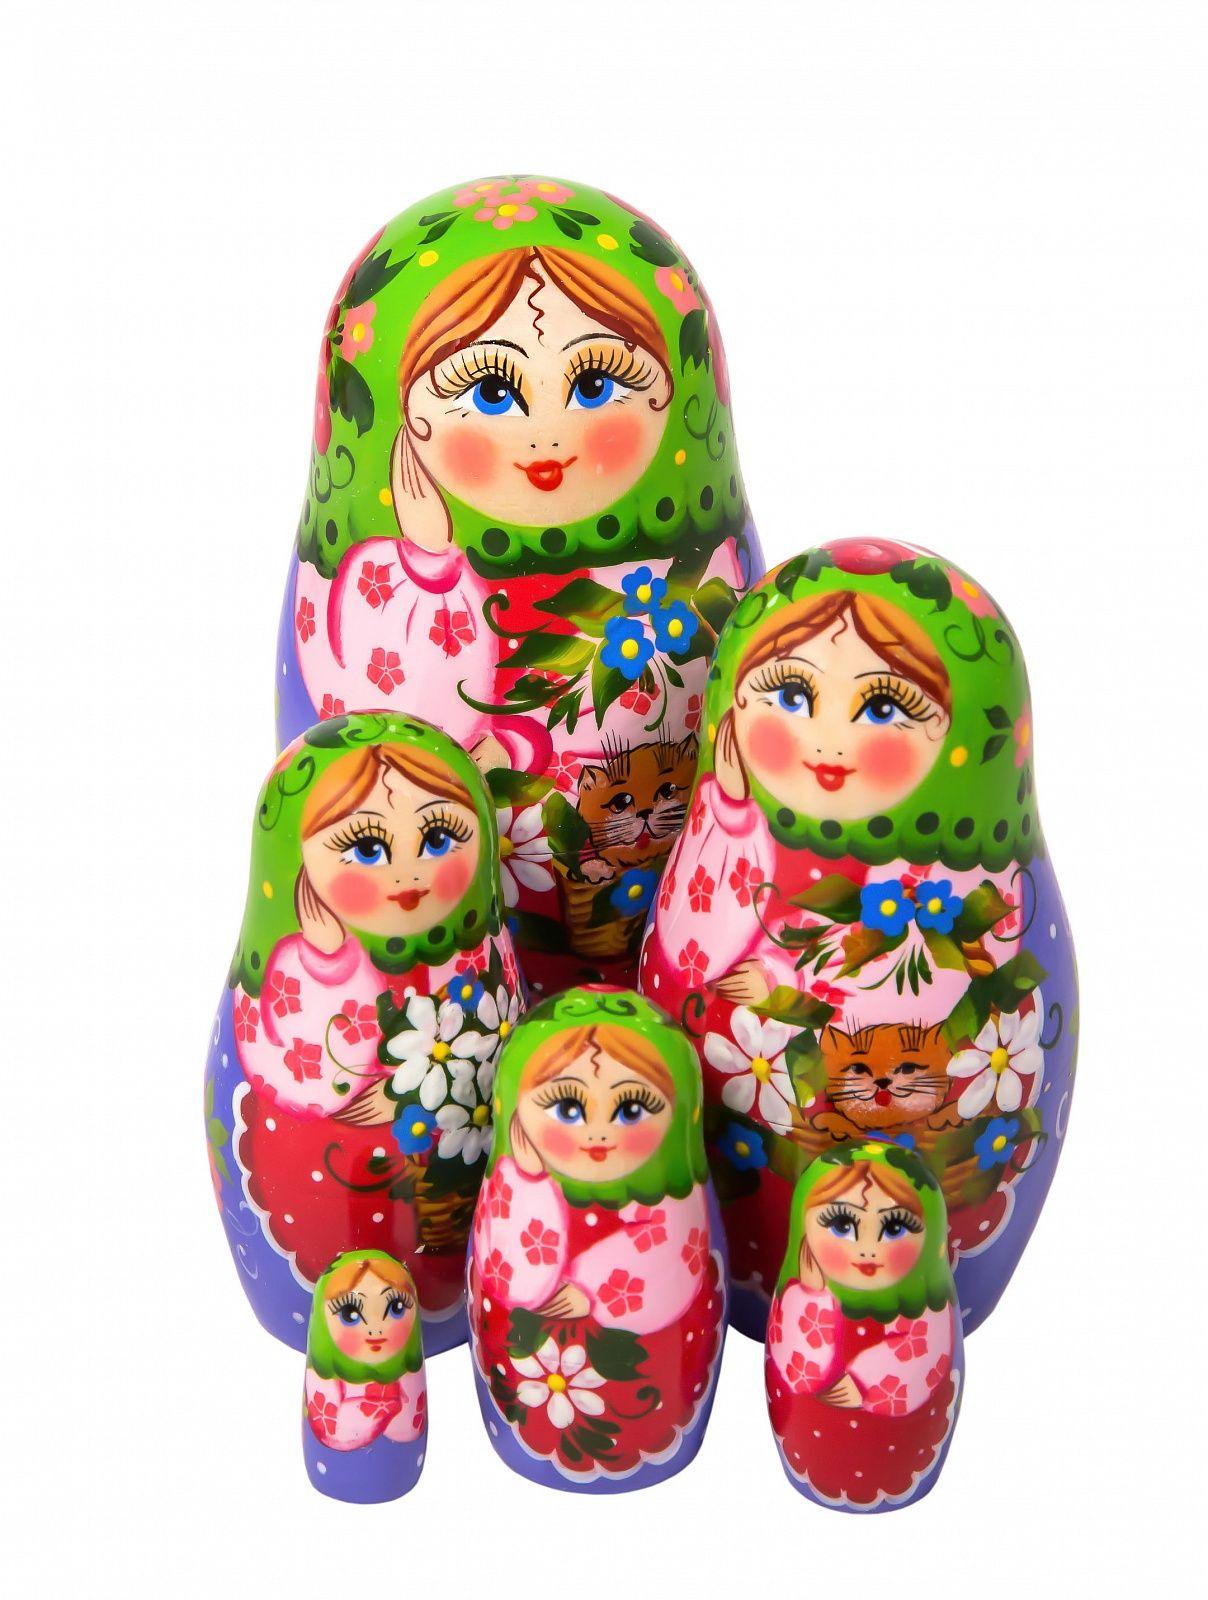 Khokhloma painting / Author's Matryoshka 6 dolls